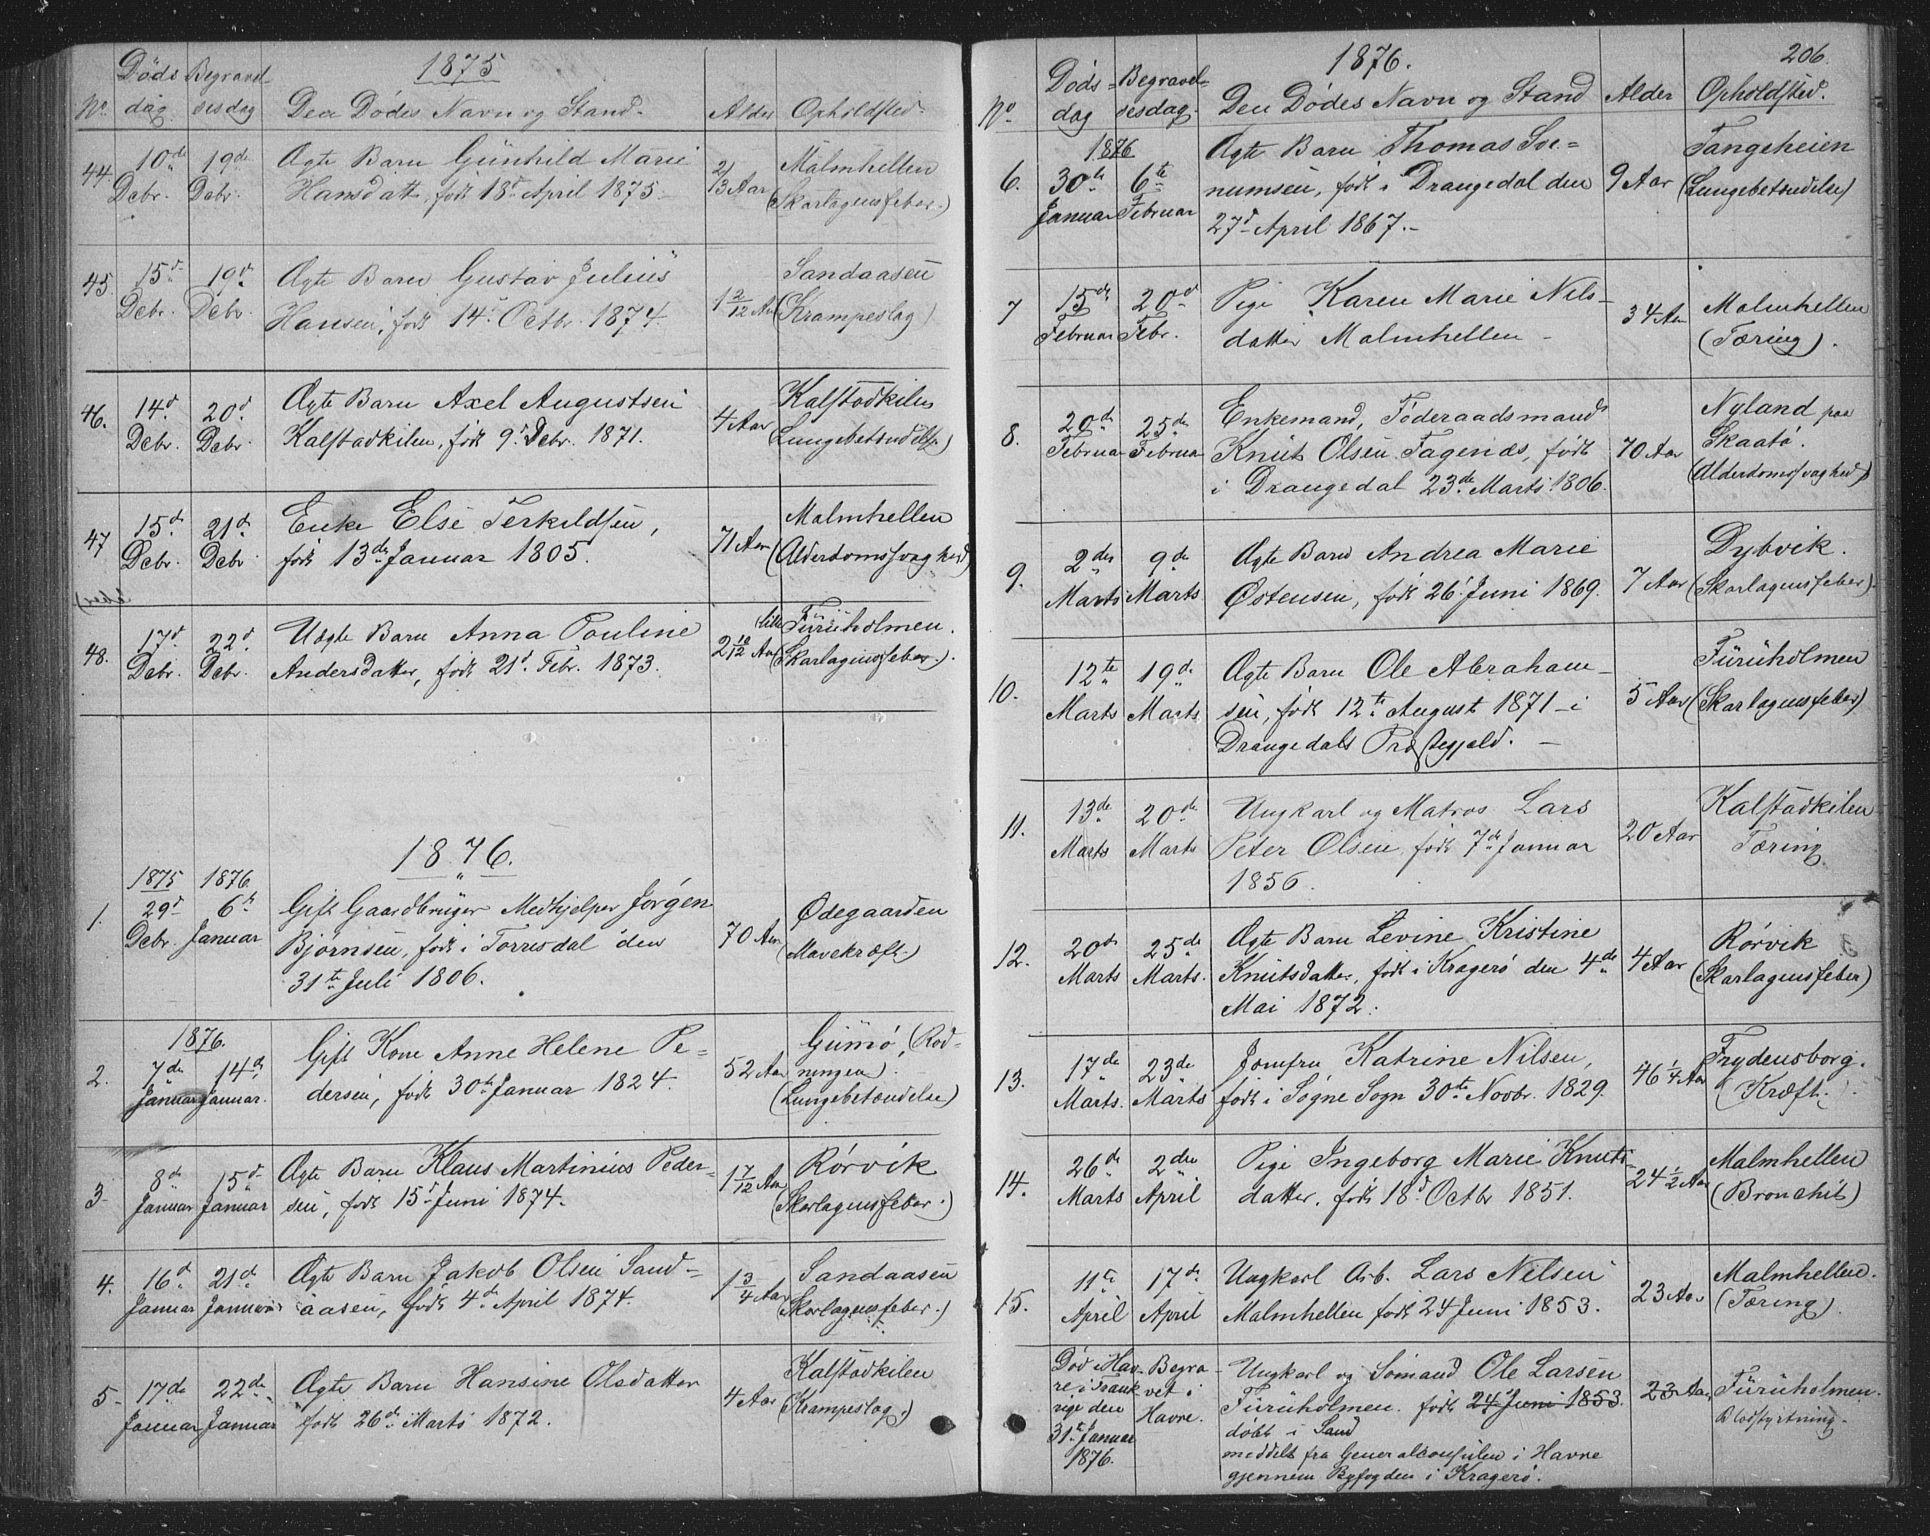 SAKO, Skåtøy kirkebøker, G/Ga/L0002: Klokkerbok nr. I 2, 1872-1884, s. 206